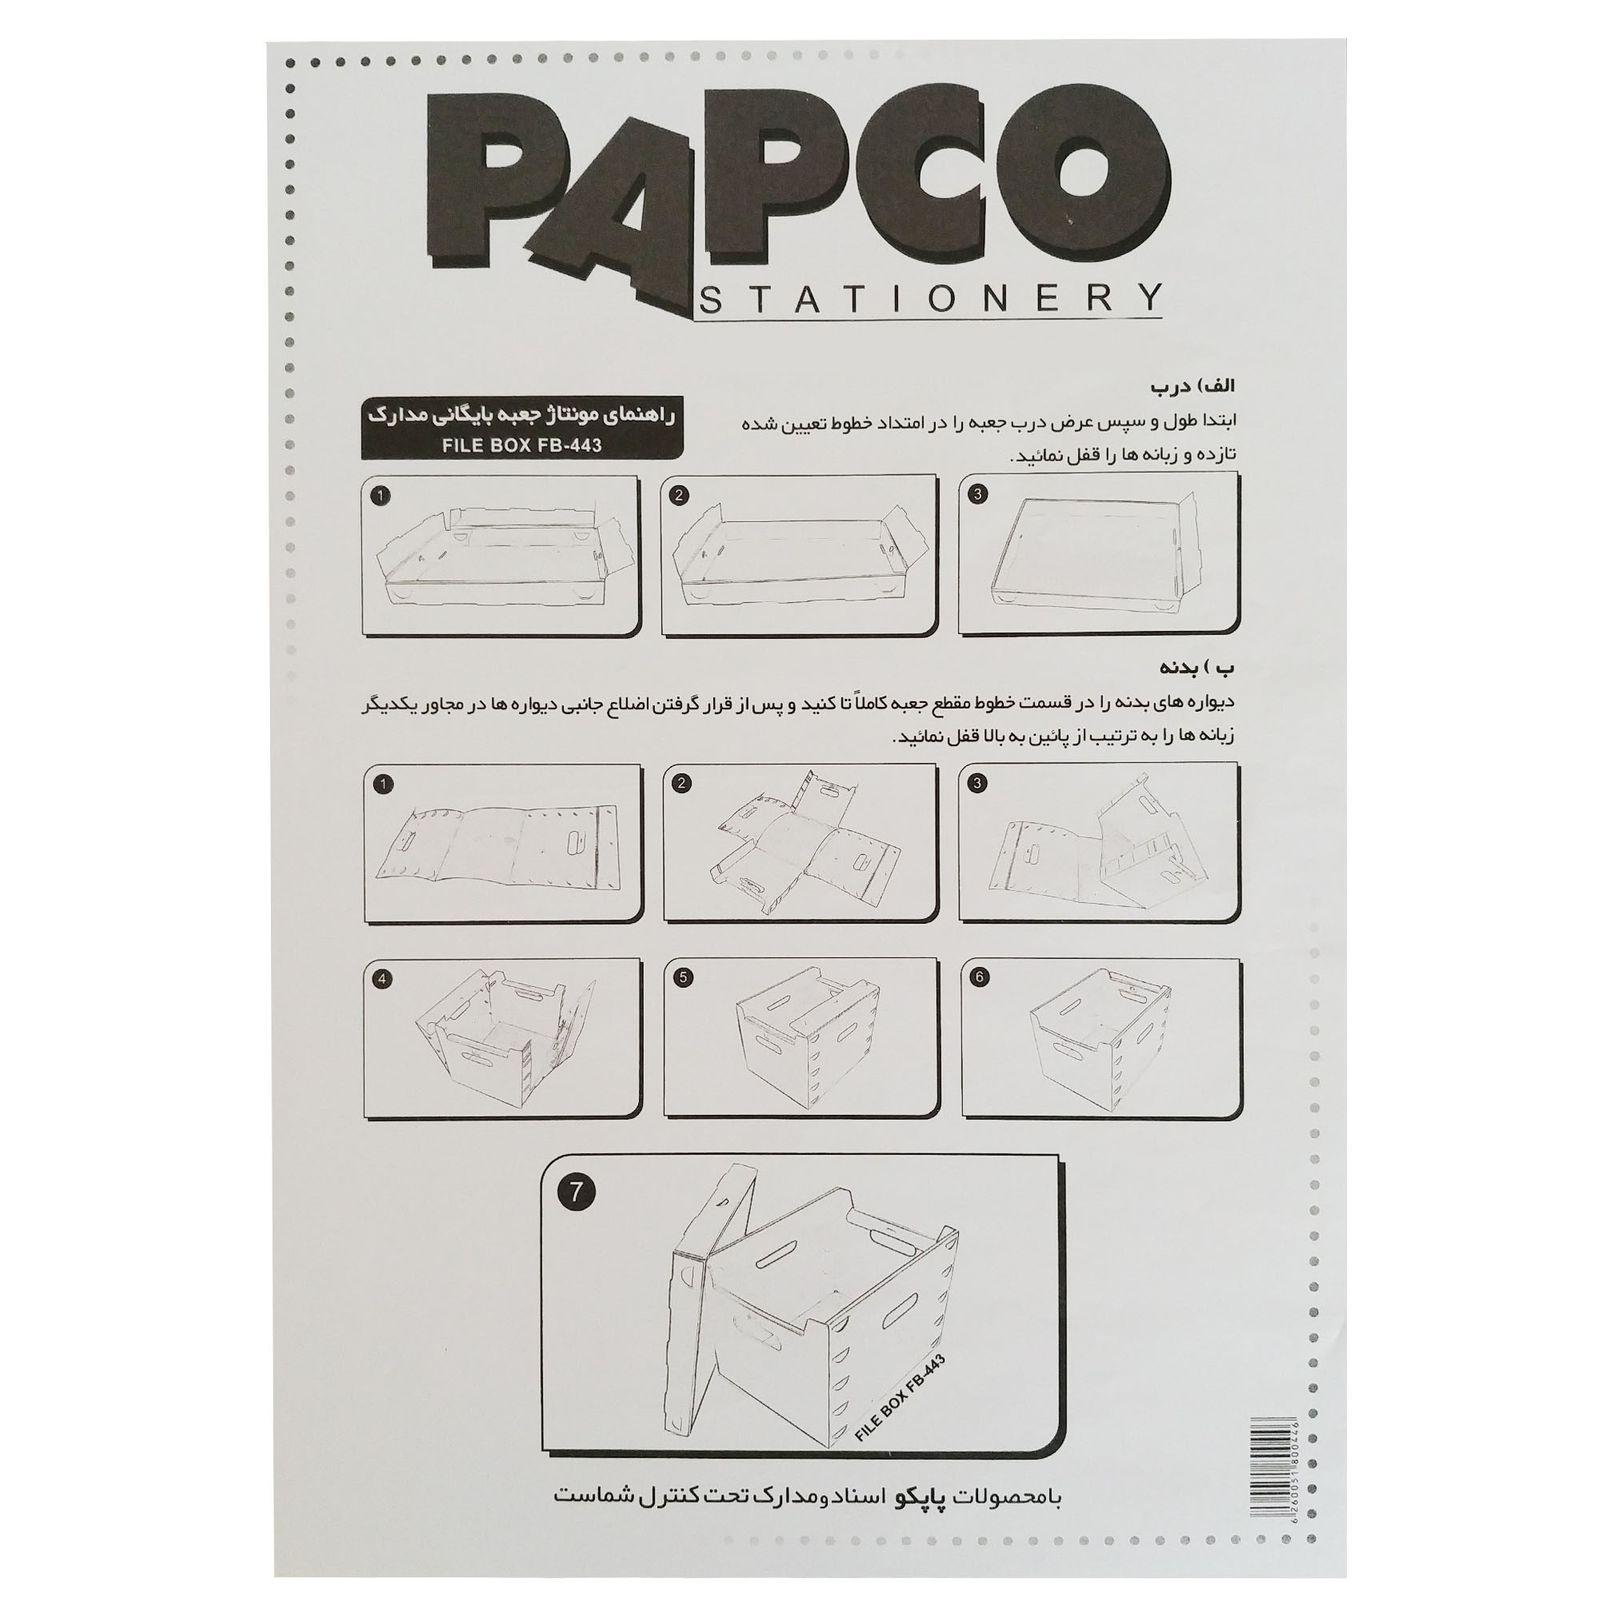 جعبه مدارک پاپکو کد FB-443 main 1 1